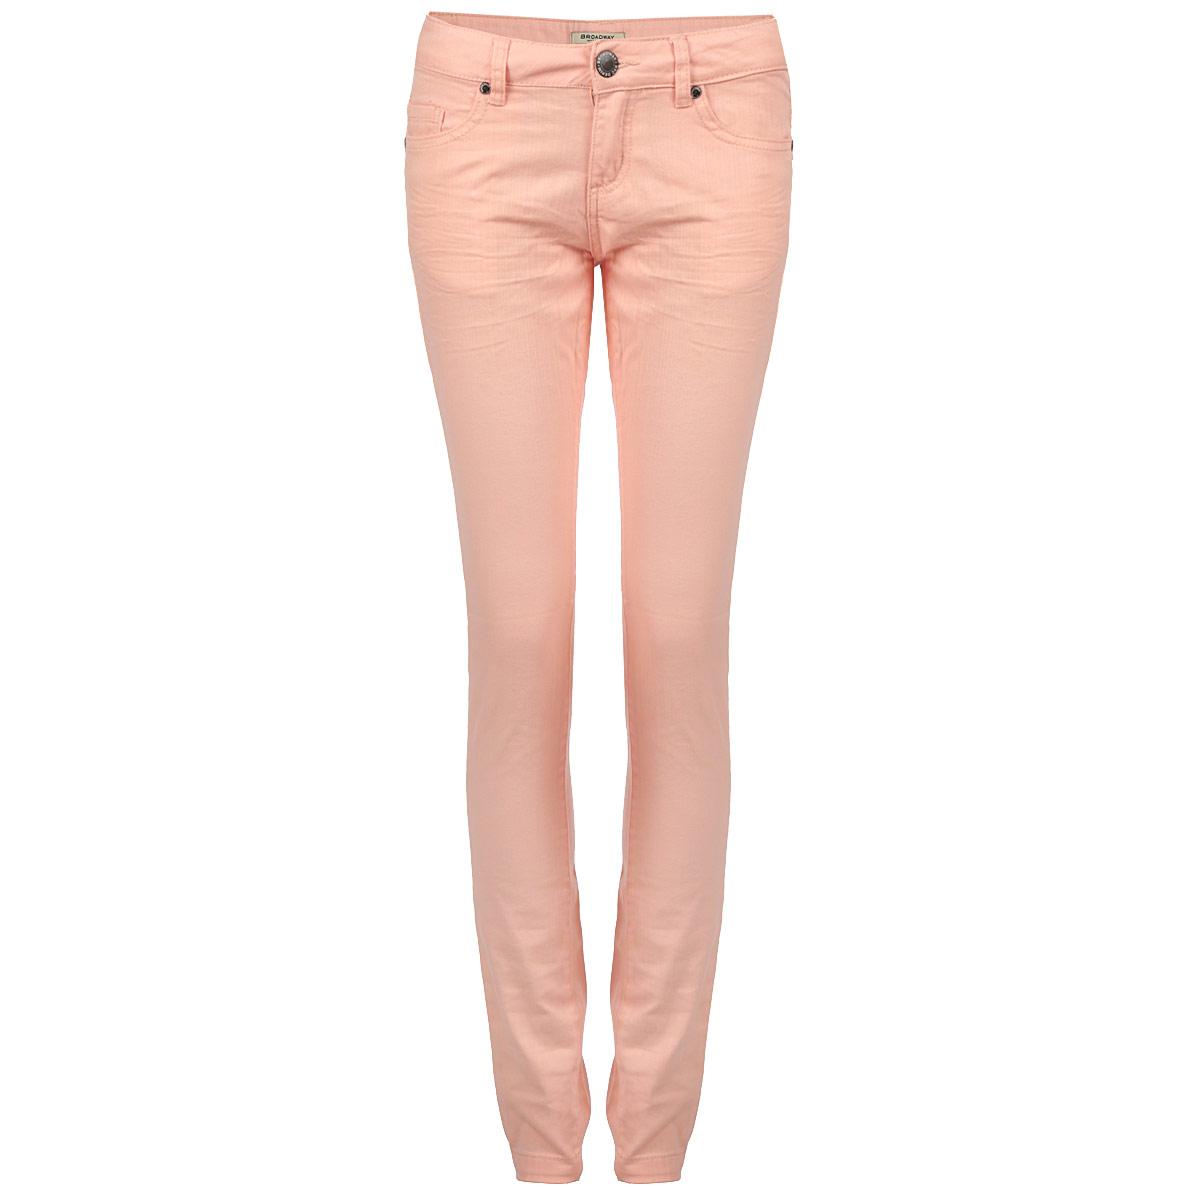 Джинсы женские. 1014988110149881 222-peach nectarСтильные женские джинсы Broadway созданы специально для того, чтобы подчеркивать достоинства вашей фигуры. Модель слегка зауженного к низу кроя и средней посадки станет отличным дополнением к вашему современному образу. Застегиваются джинсы на пуговицу в поясе и ширинку на застежке-молнии, имеются шлевки для ремня. Спереди модель оформлены двумя втачными карманами и одним небольшим секретным кармашком, а сзади - двумя накладными карманами. Эти модные и в тоже время комфортные джинсы послужат отличным дополнением к вашему гардеробу. В них вы всегда будете чувствовать себя уютно и комфортно.